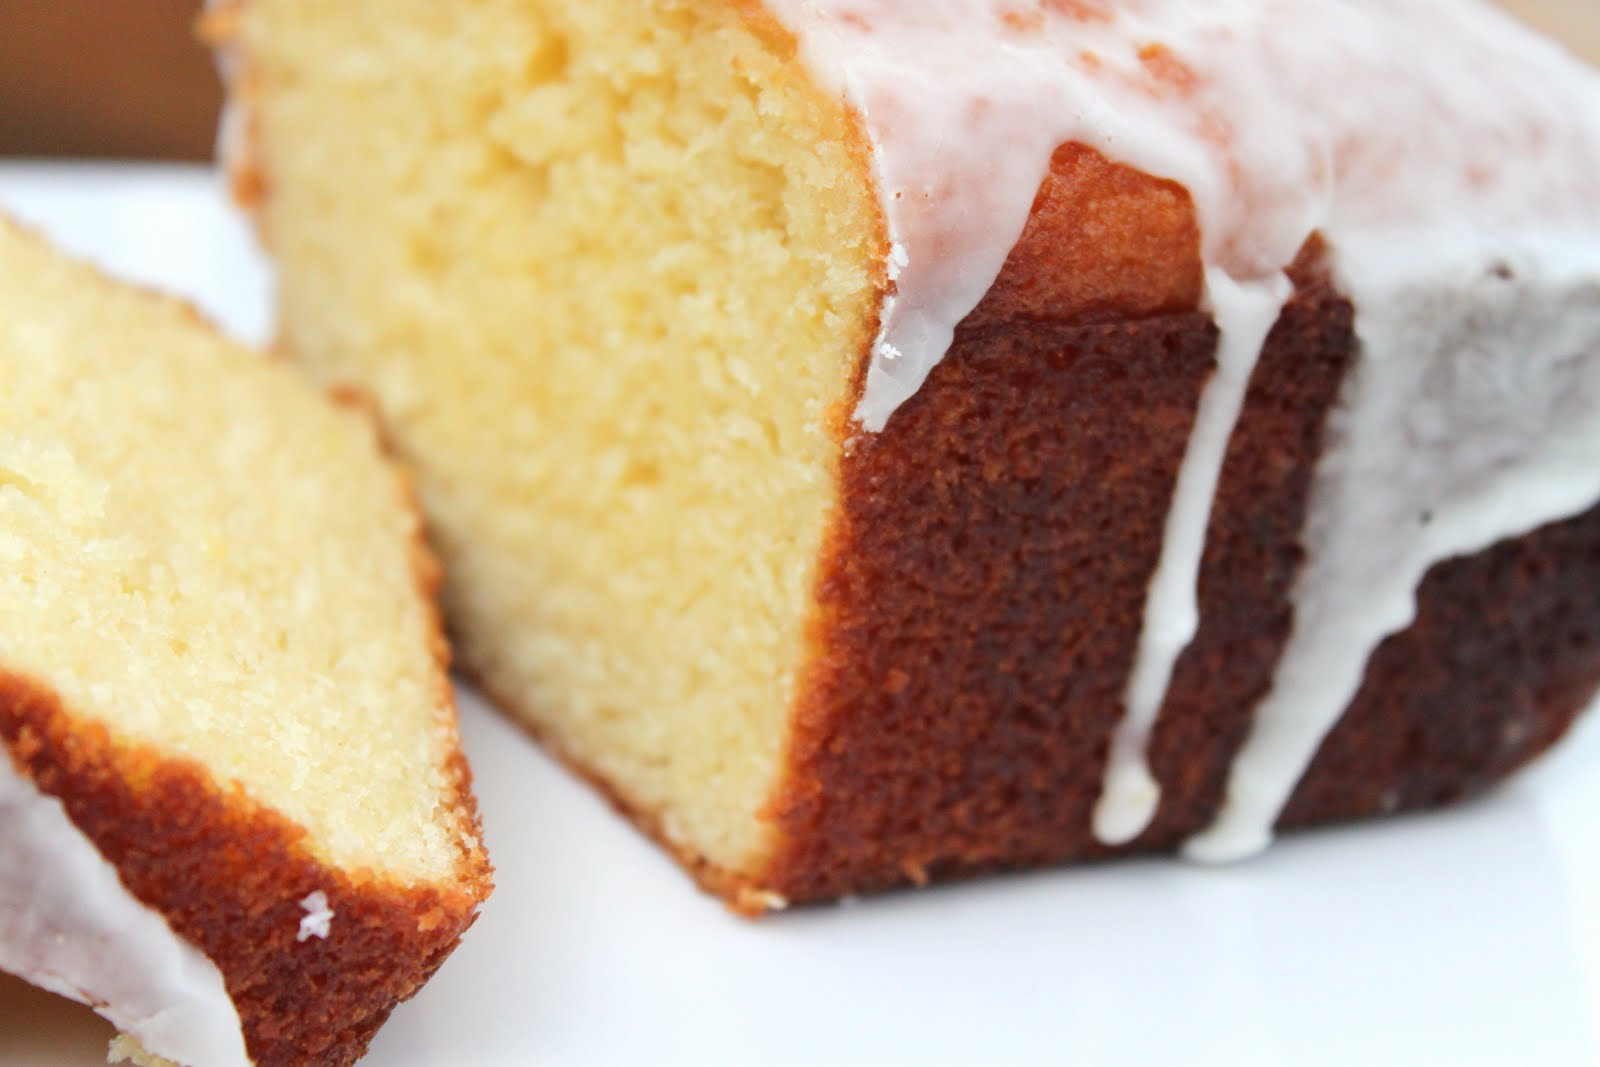 All Recipes Lemon Yogurt Cake: A Bountiful Kitchen: Barefoot Contessa Lemon Yogurt Cake